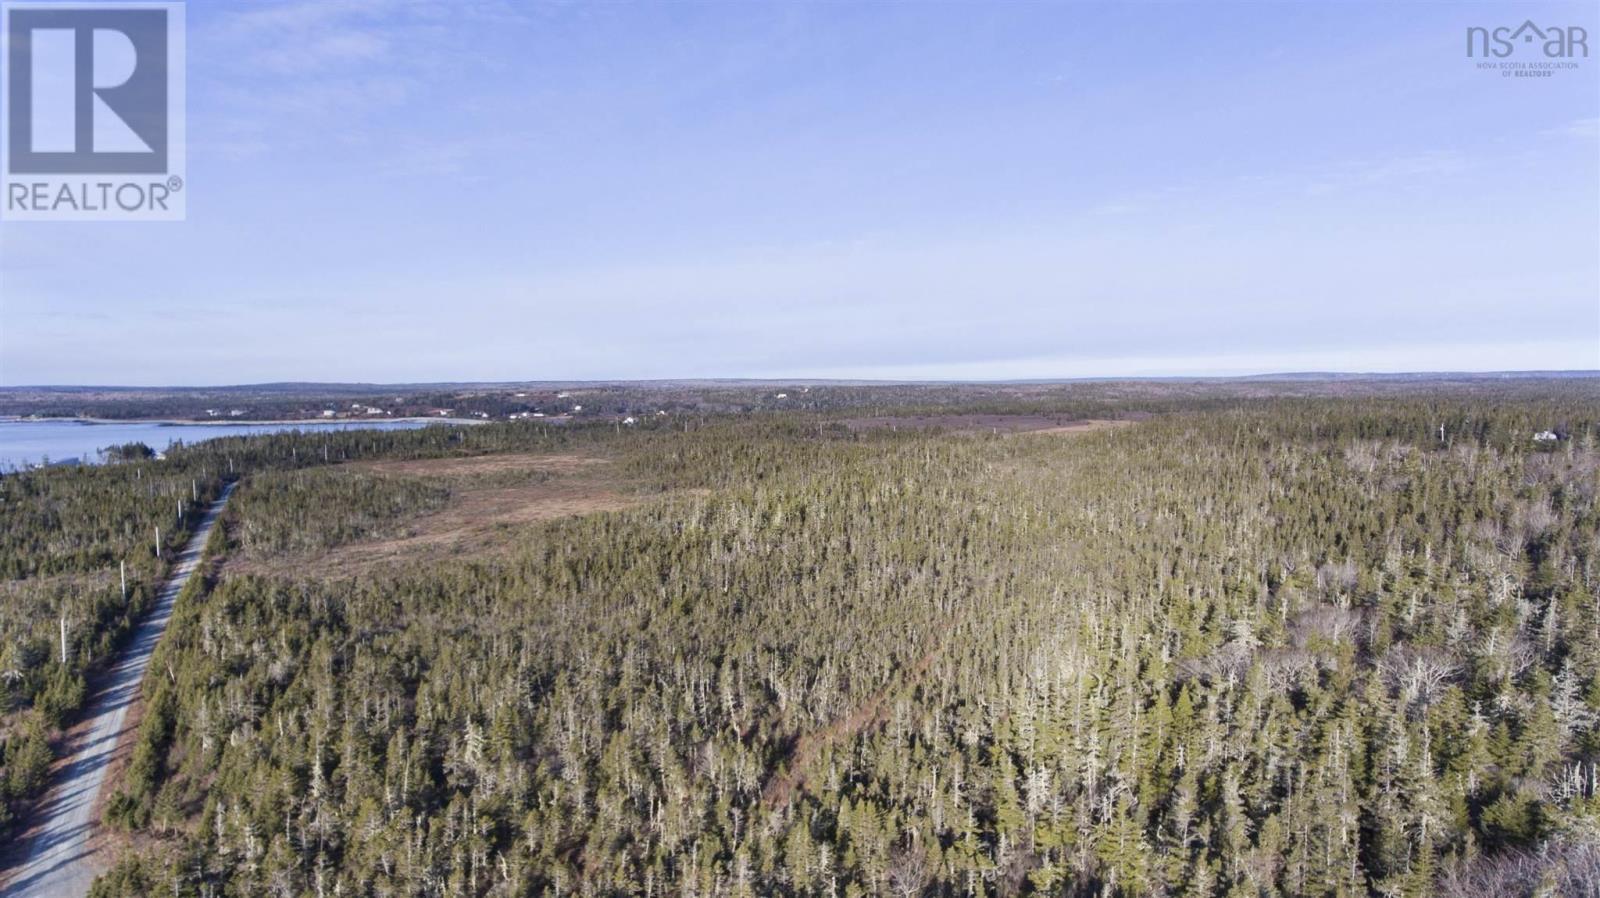 Lot 4-5 Pierce Point Road, Western Head, Nova Scotia  B0T 1G0 - Photo 1 - 202120664